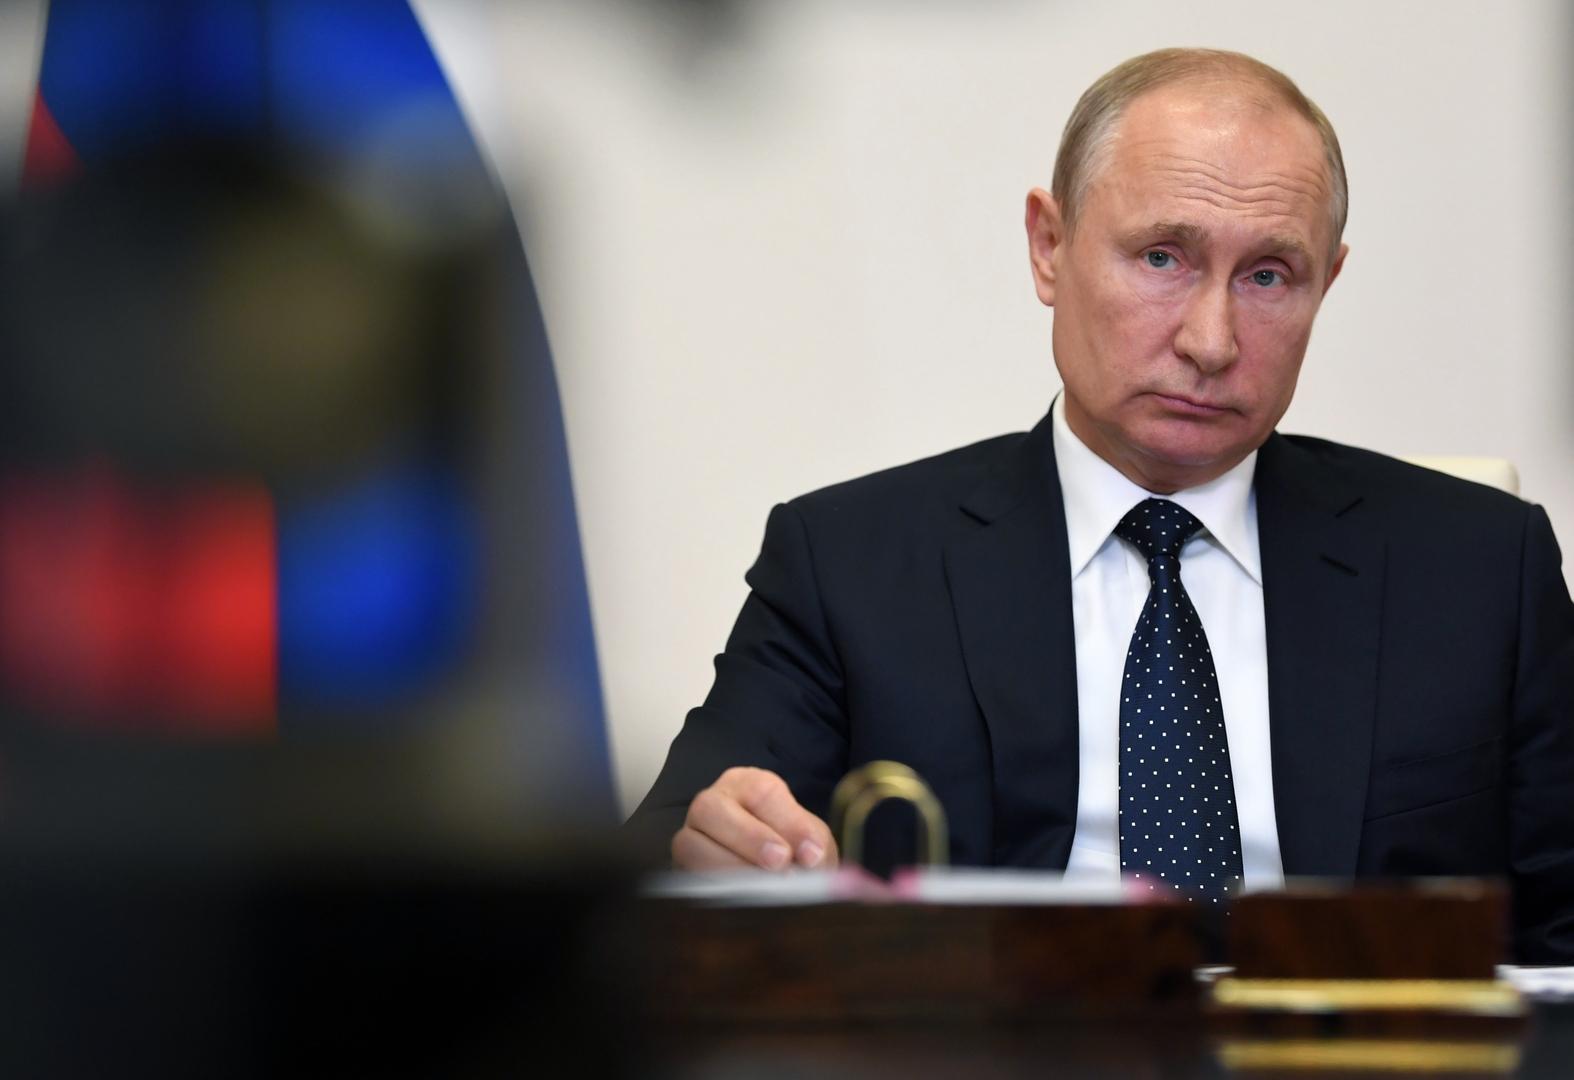 بوتين: الاتحاد الأوراسي بحاجة إلى إنشاء مرافق جديدة لضمان الأمن الغذائي